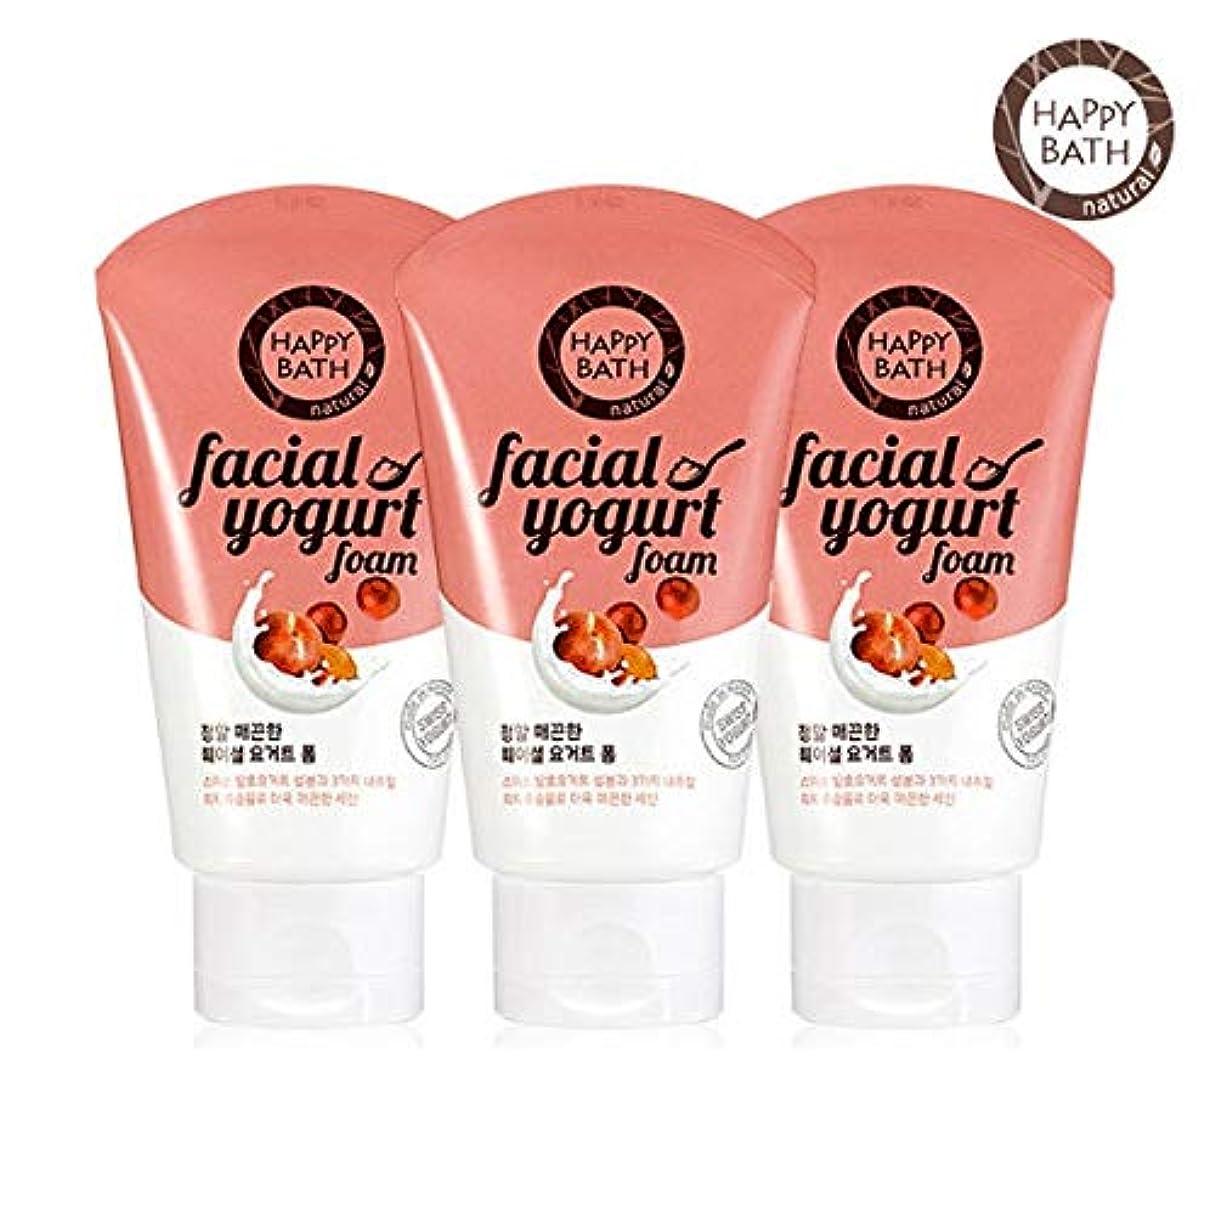 時系列赤外線ワーカー(1+1)ハッピーバスフェイシャルヨーグルトスムースフォーム HAPPY BATH Facial Yogurt Smooth Foam 韓国の人気商品 Korean Beauty Womens